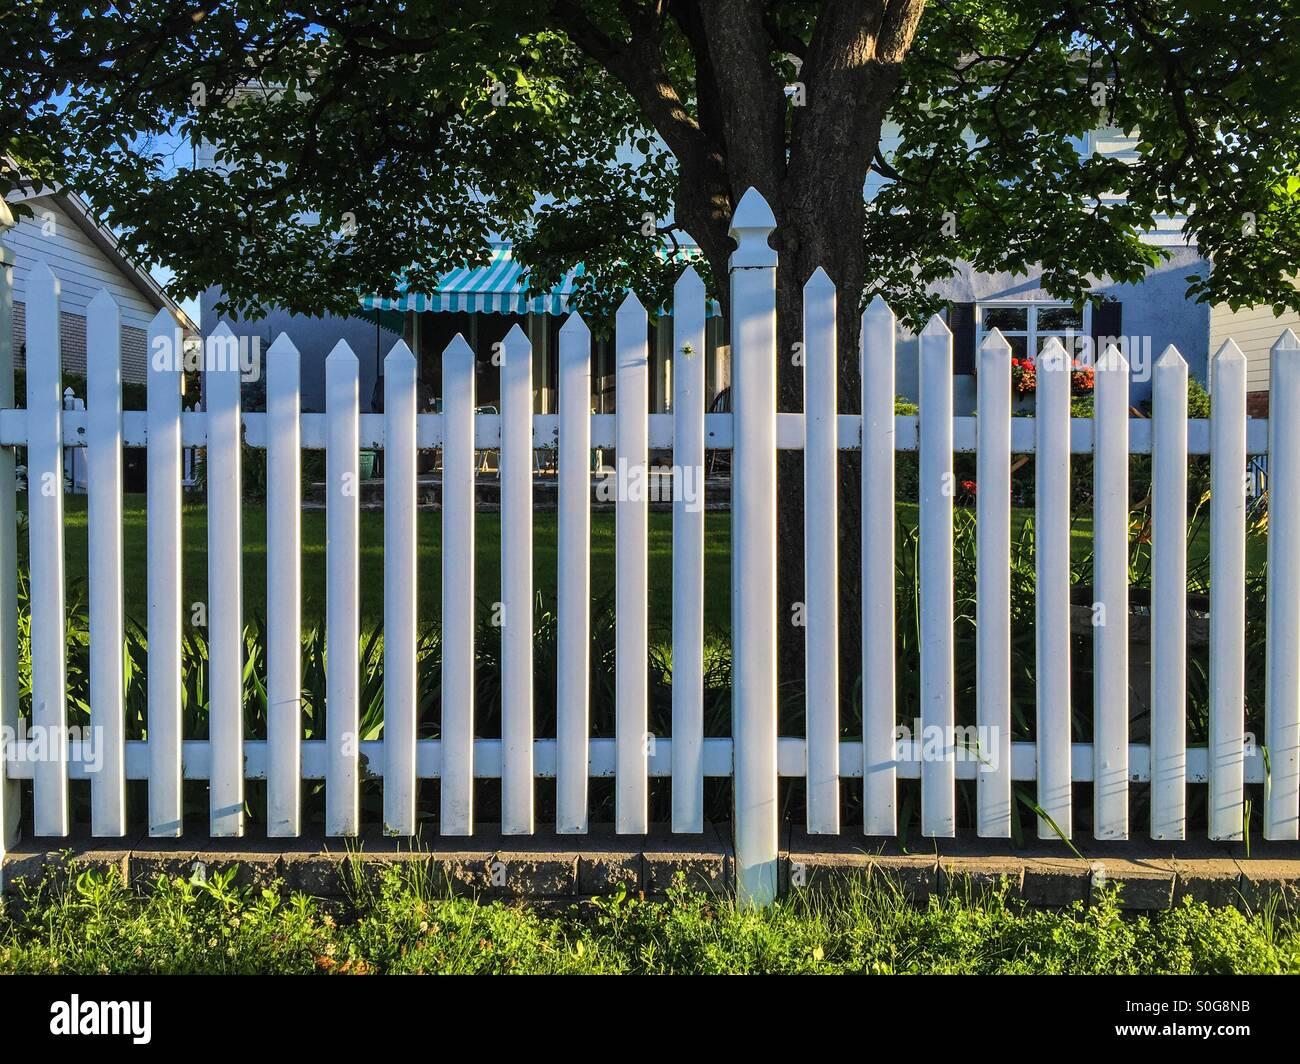 Backyard Fence Grass Stockfotos & Backyard Fence Grass Bilder Alamy